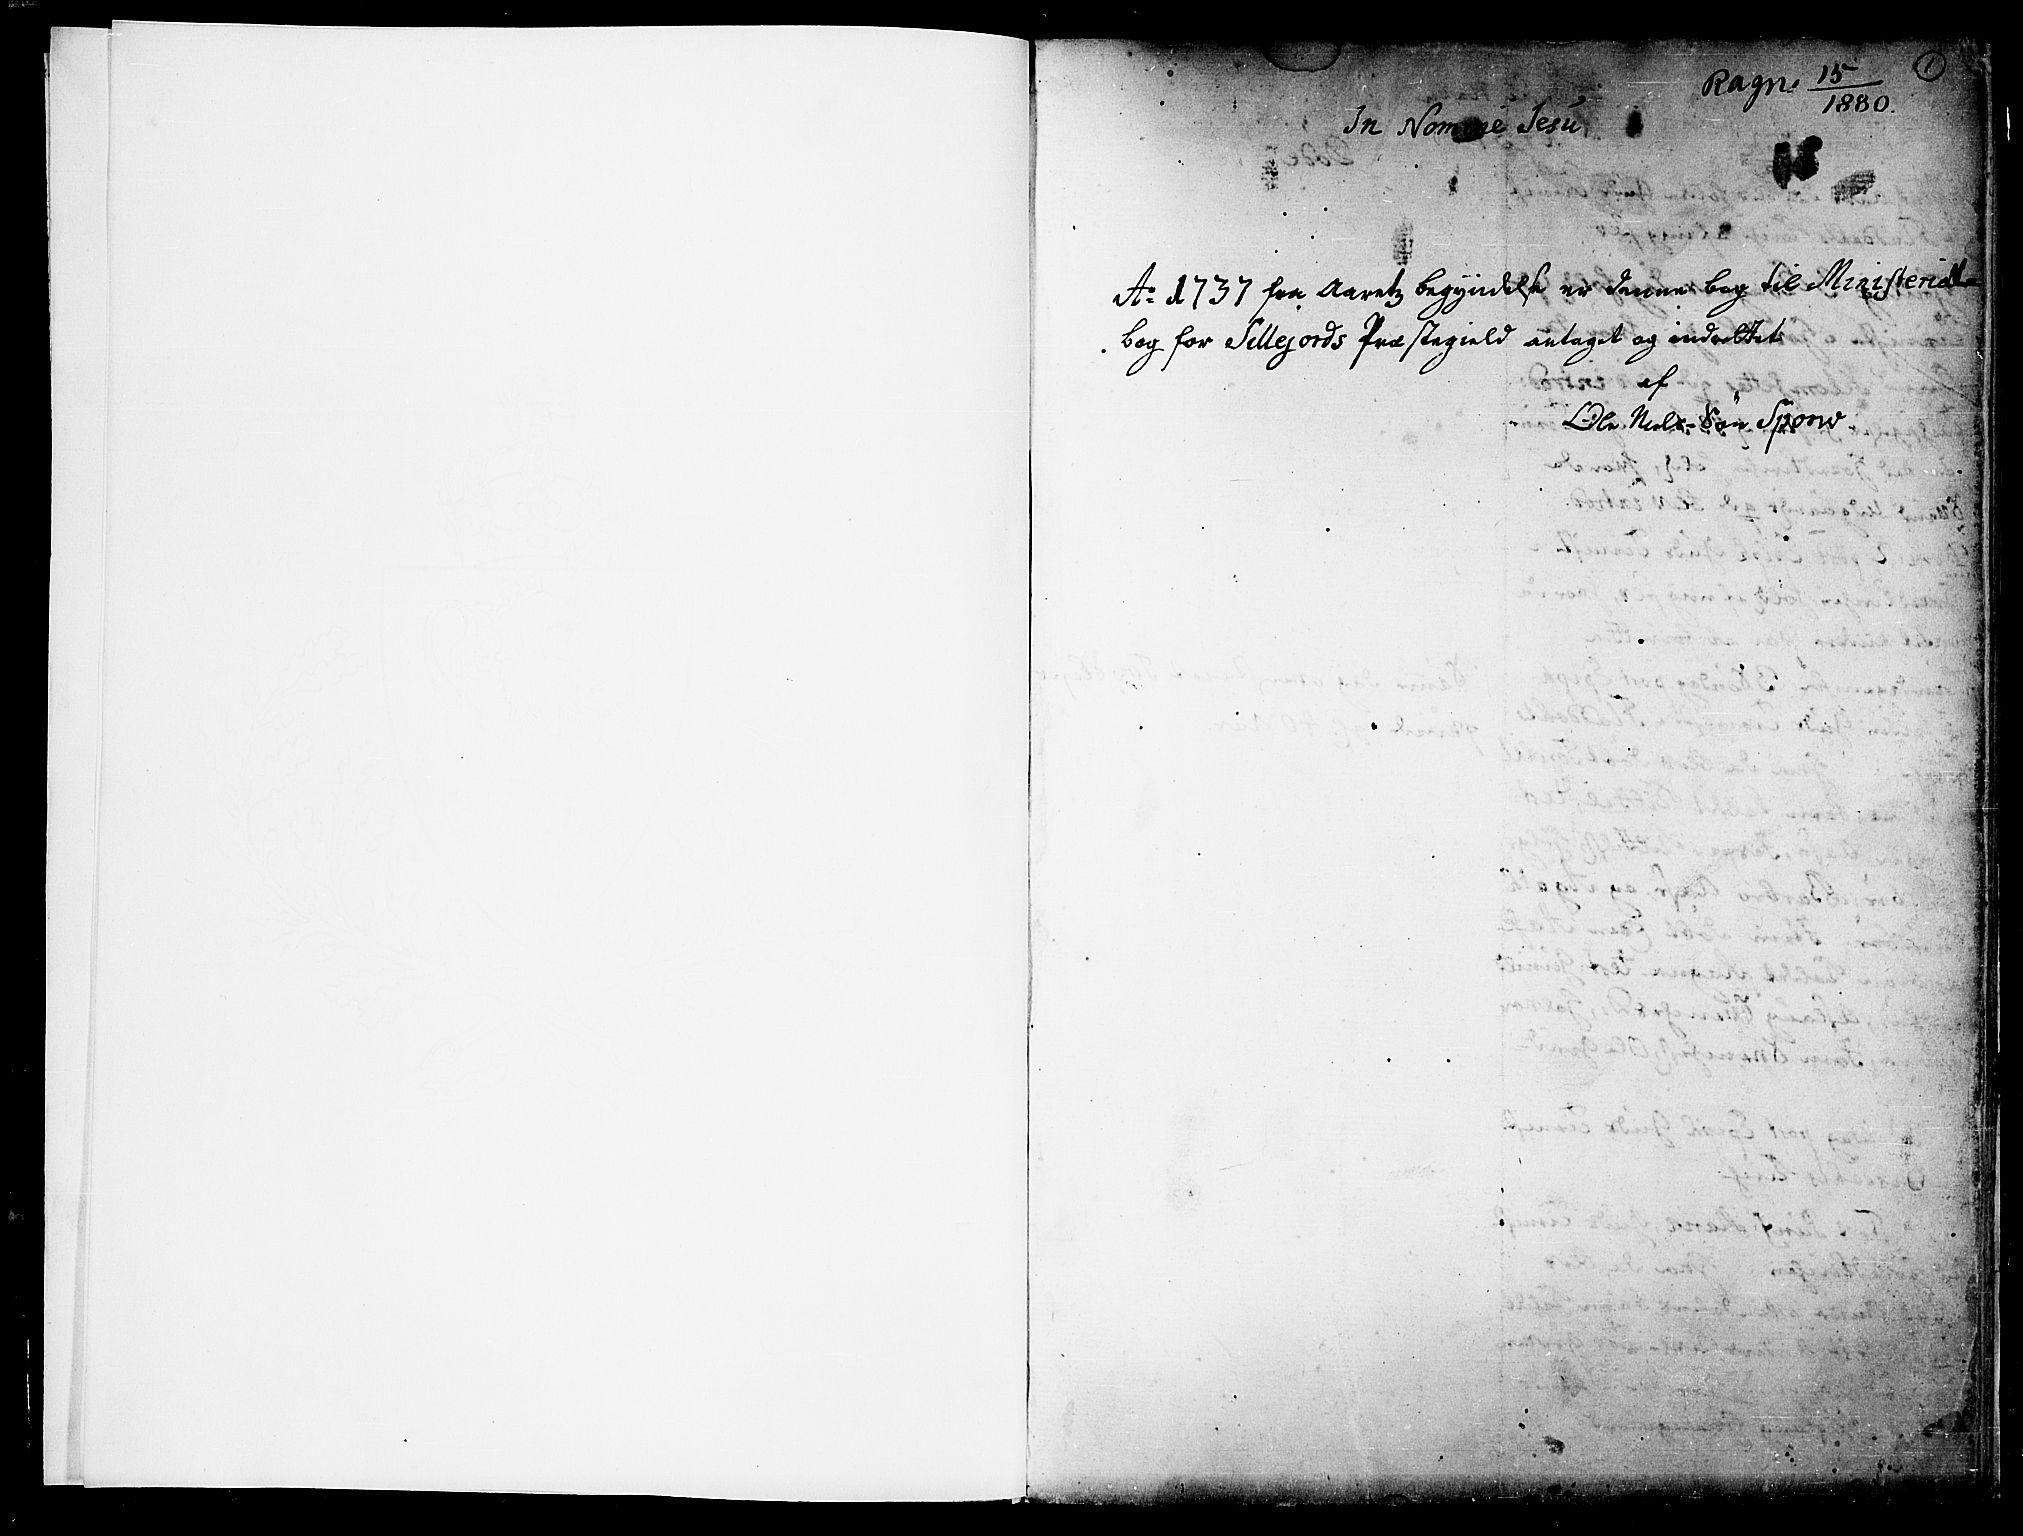 SAKO, Seljord kirkebøker, F/Fa/L0005: Ministerialbok nr. I 5, 1737-1743, s. 1